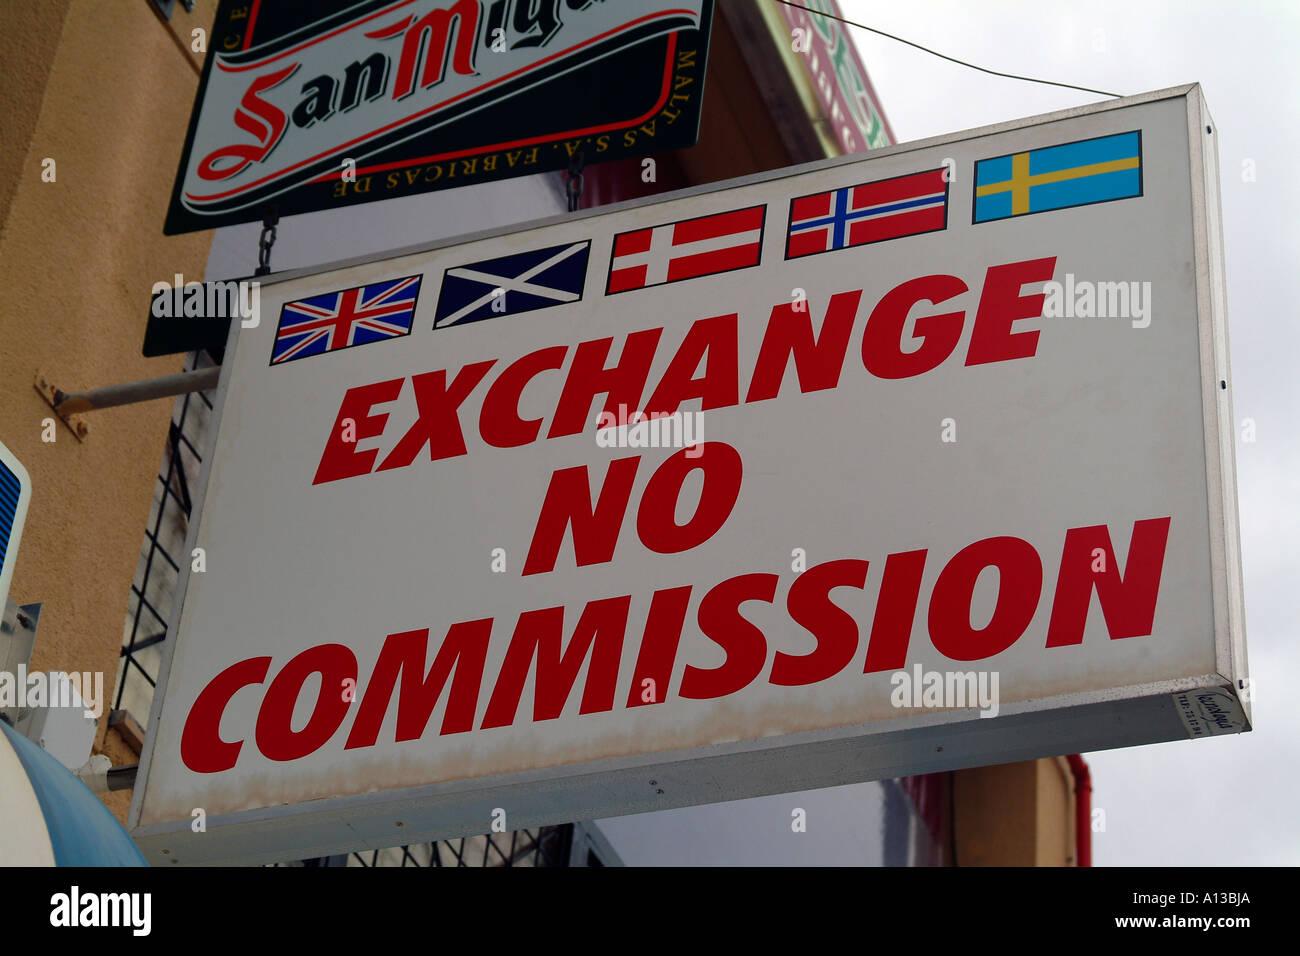 Exchange No Commission Bureau De Change Stock Photo Alamy